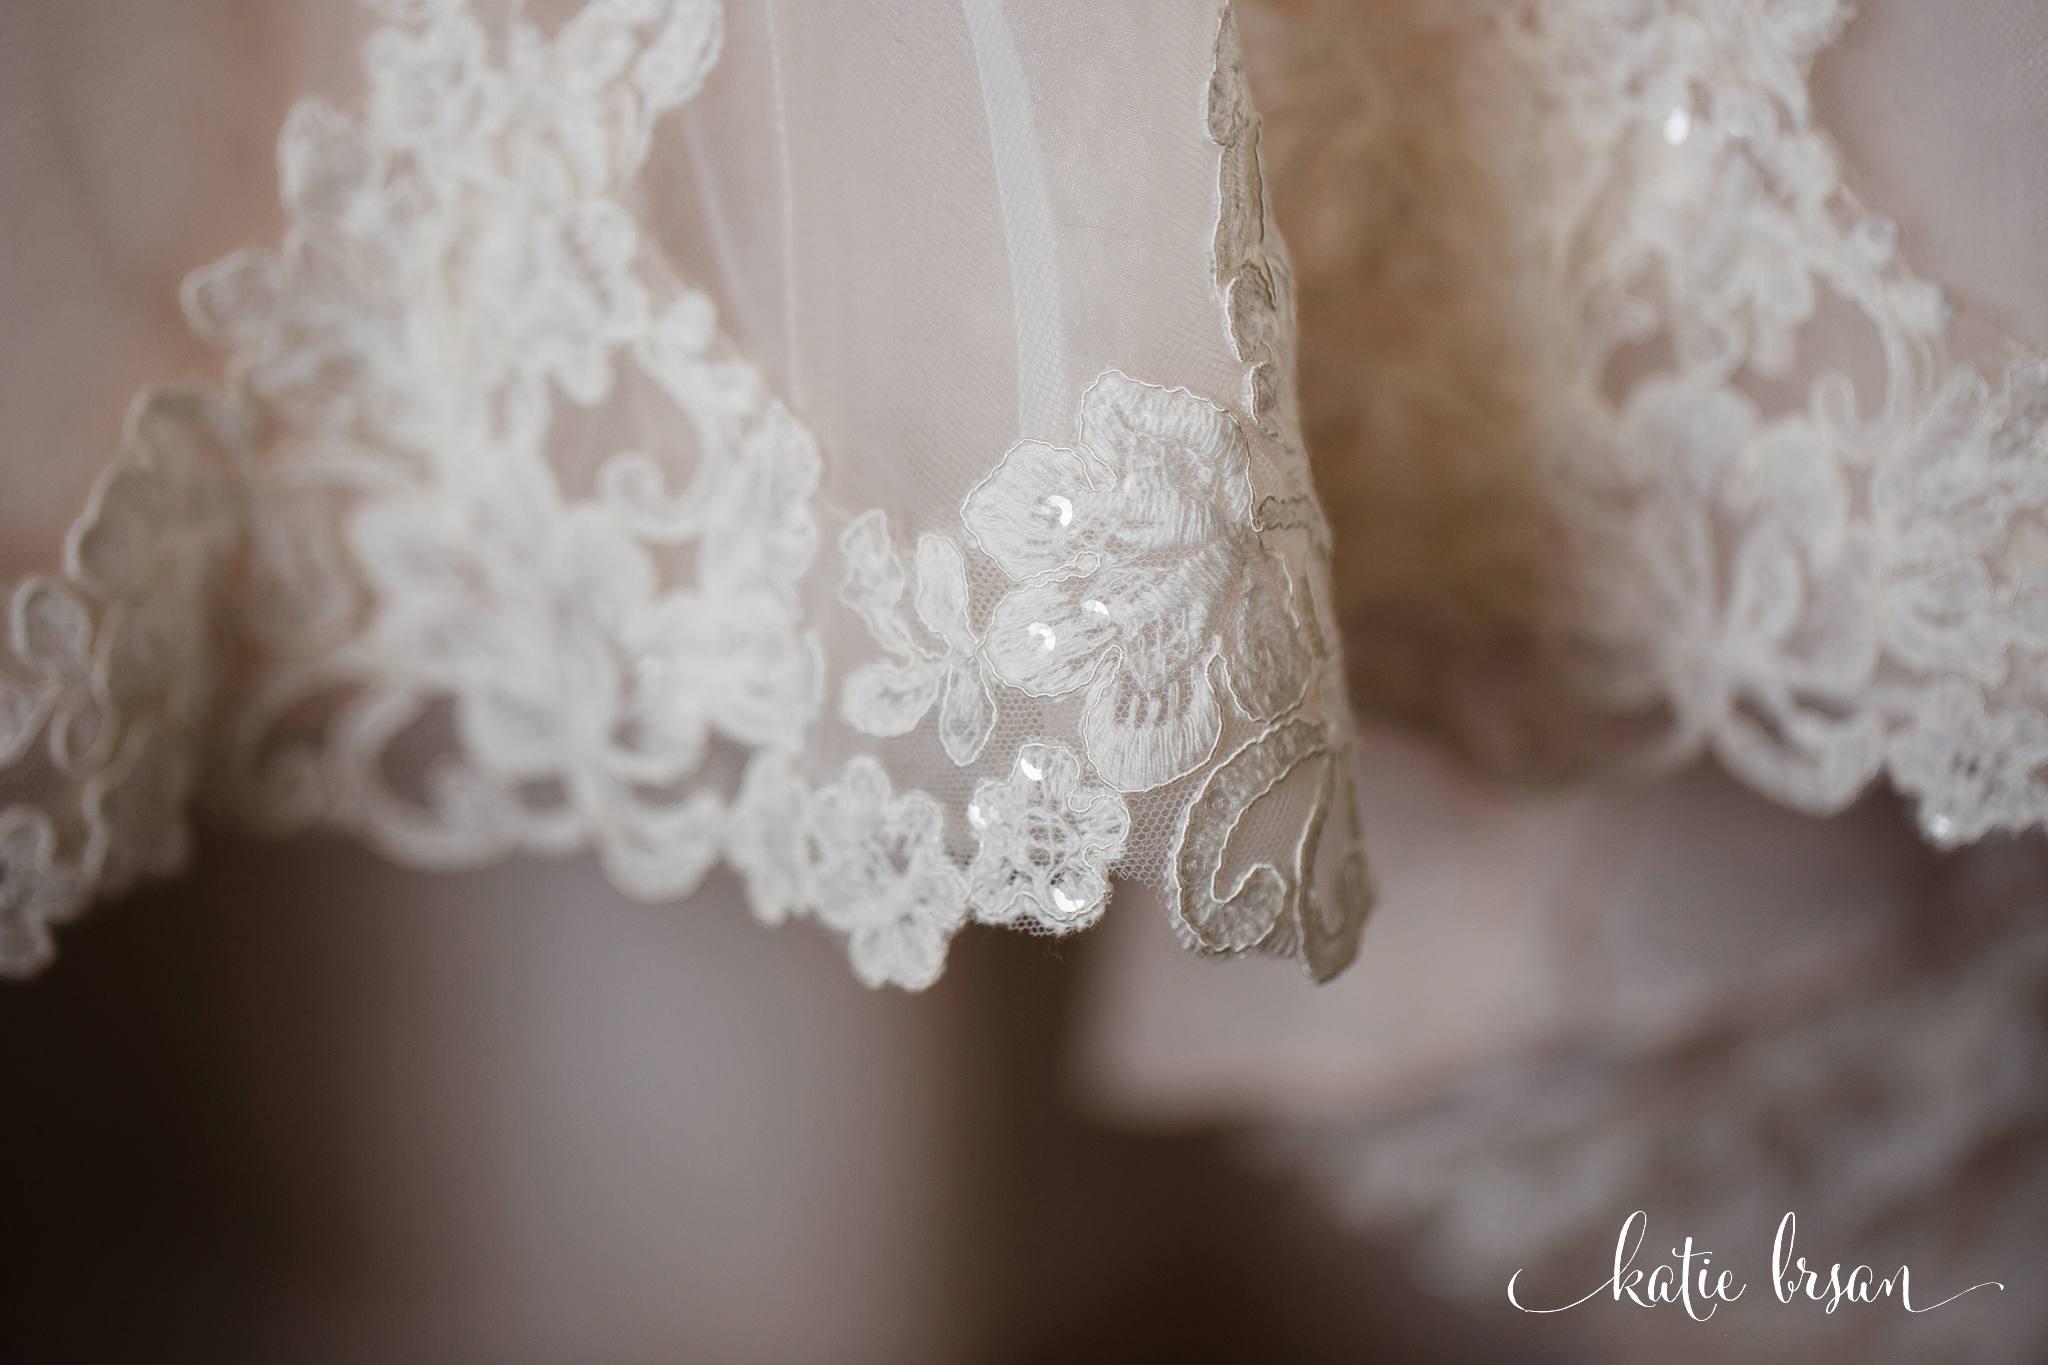 Mokena_Lemont_Wedding_Ruffled_Feathers_Wedding_1314.jpg